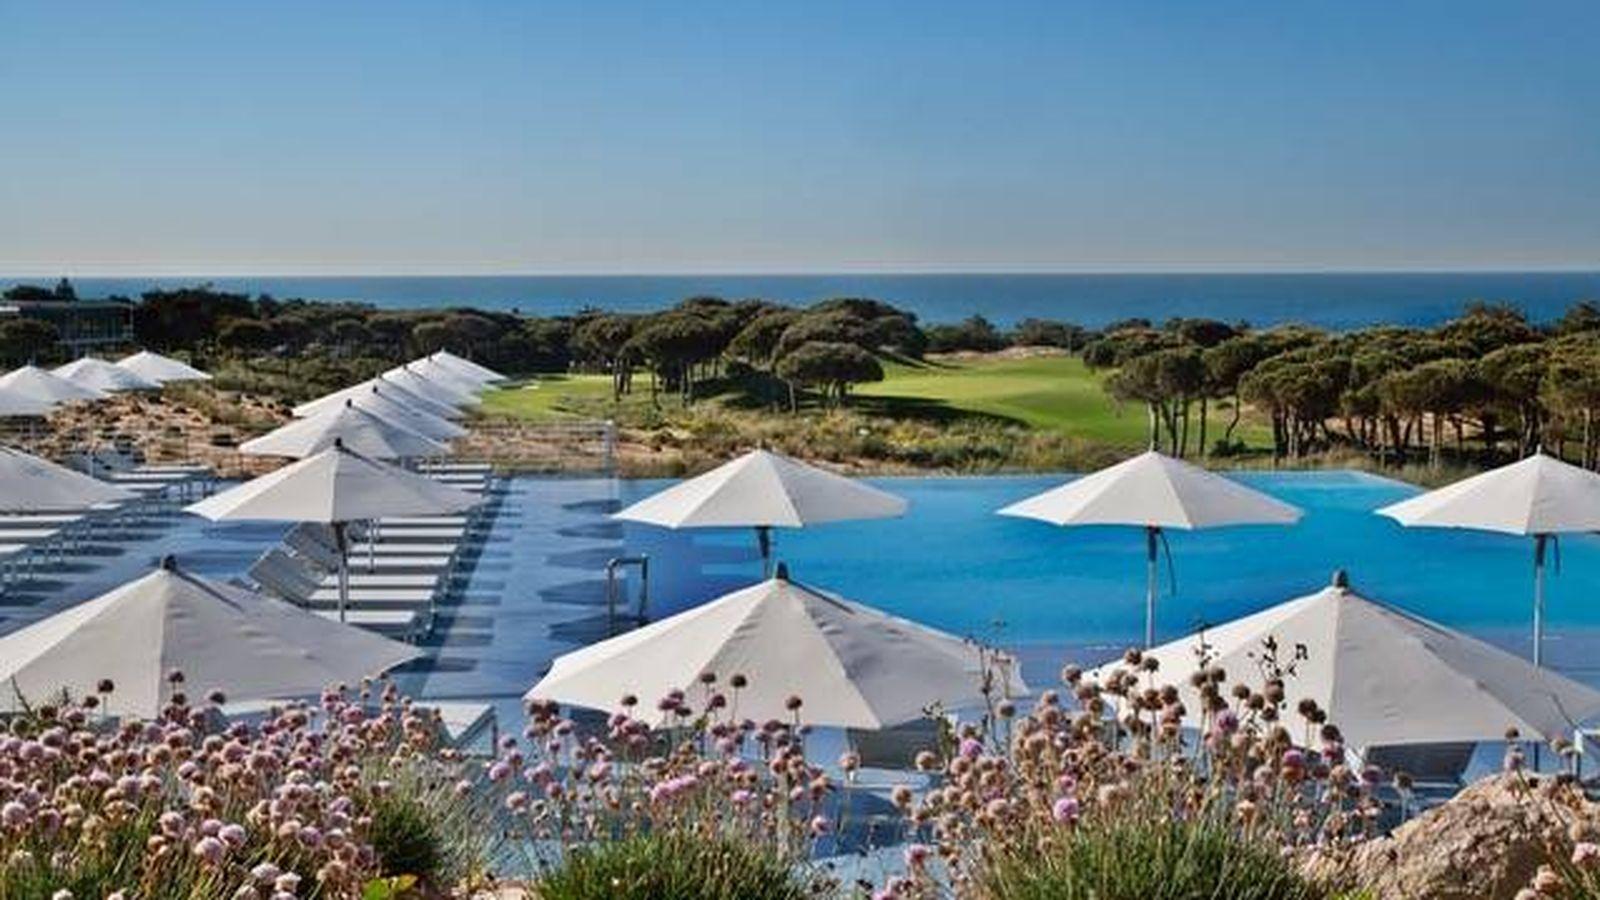 Foto: En el hotel Oitavos, cerca de Sintra, tienes mil planes para elegir. (Cortesía)